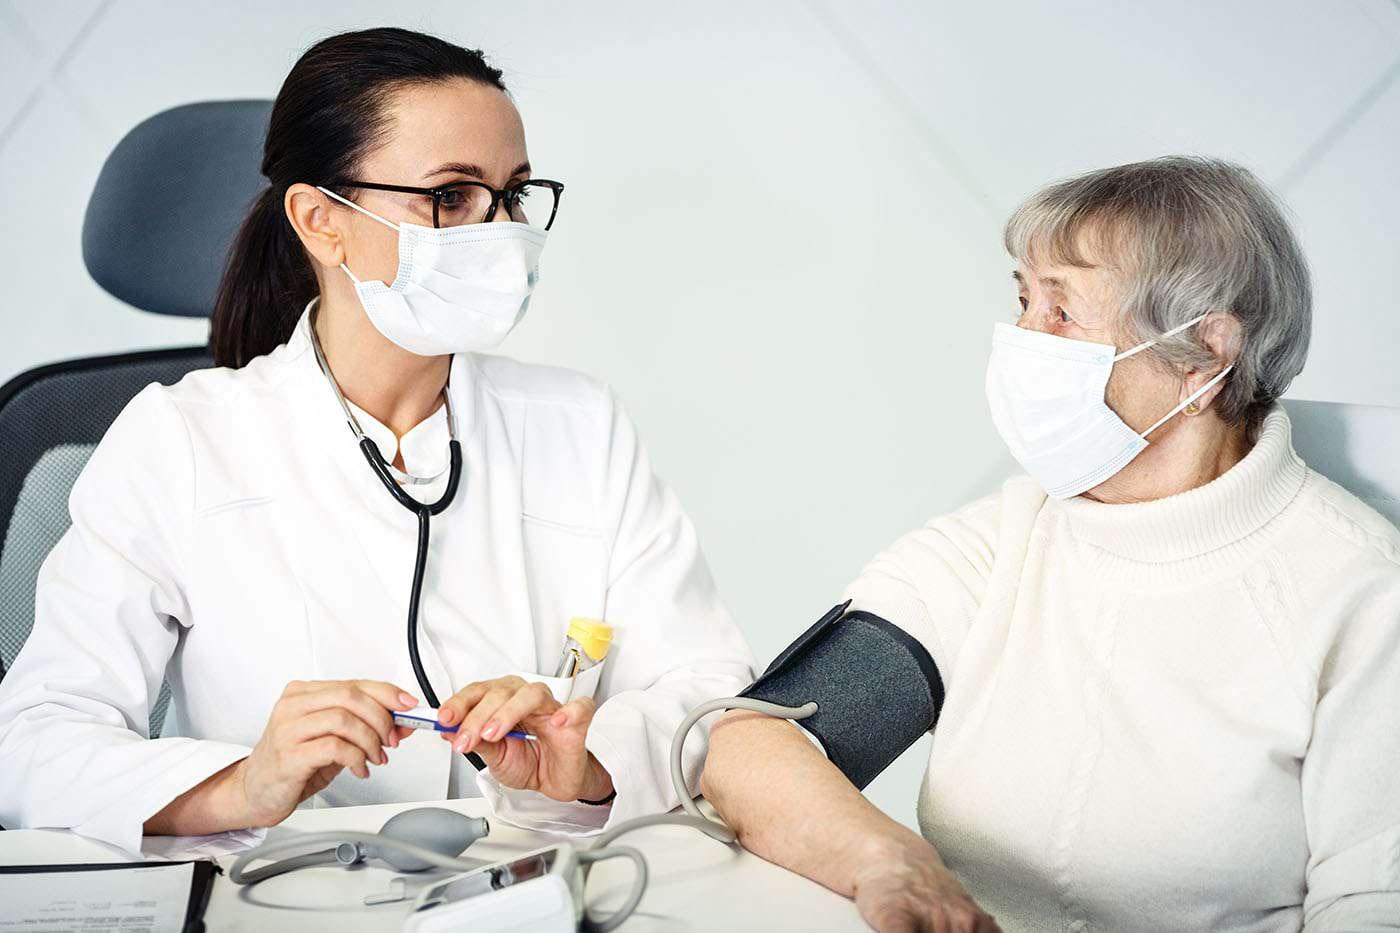 Sănătatea precară a oaselor - cum este asociată cu sănătatea inimii?